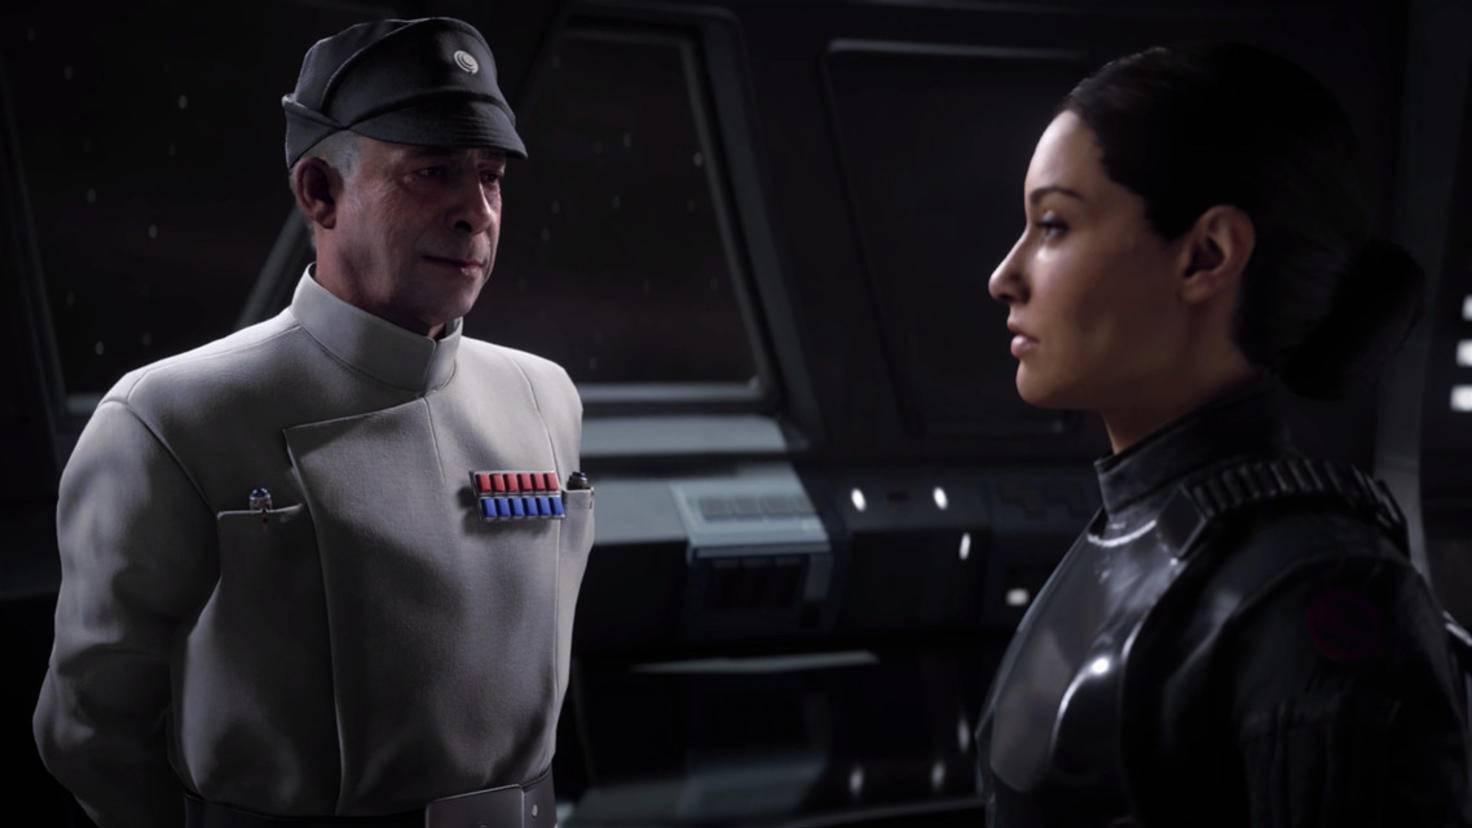 """Die Kampagne von """"Star Wars: Battlefront 2"""" war im grunde Pflichterfüllung – denn beim Vorgänger hatten Fans den Singleplayer vermisst. Bleibenden Eindruck hinterließ sie aber nicht."""